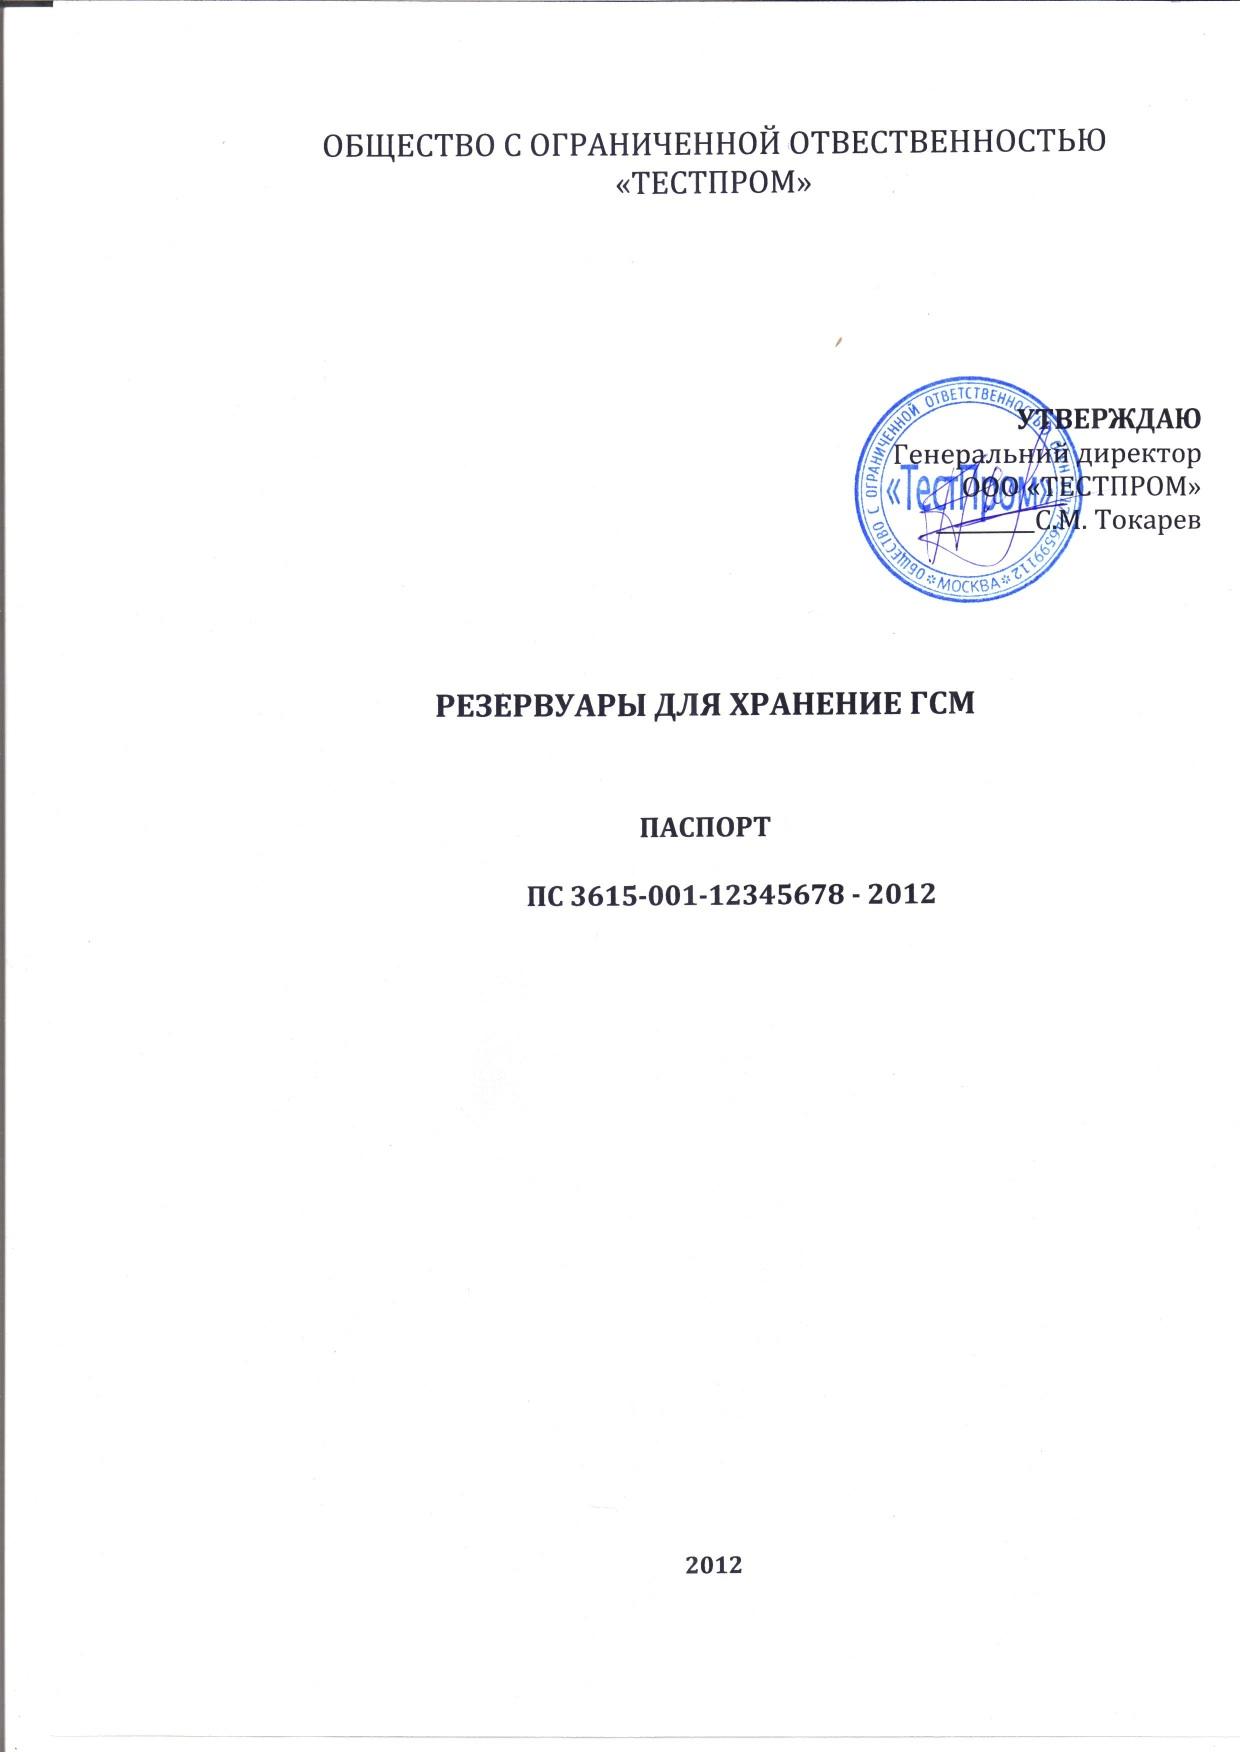 俄罗斯技术护照 , 技术护照,俄罗斯TP证书,Technical Passport,Technical Passport